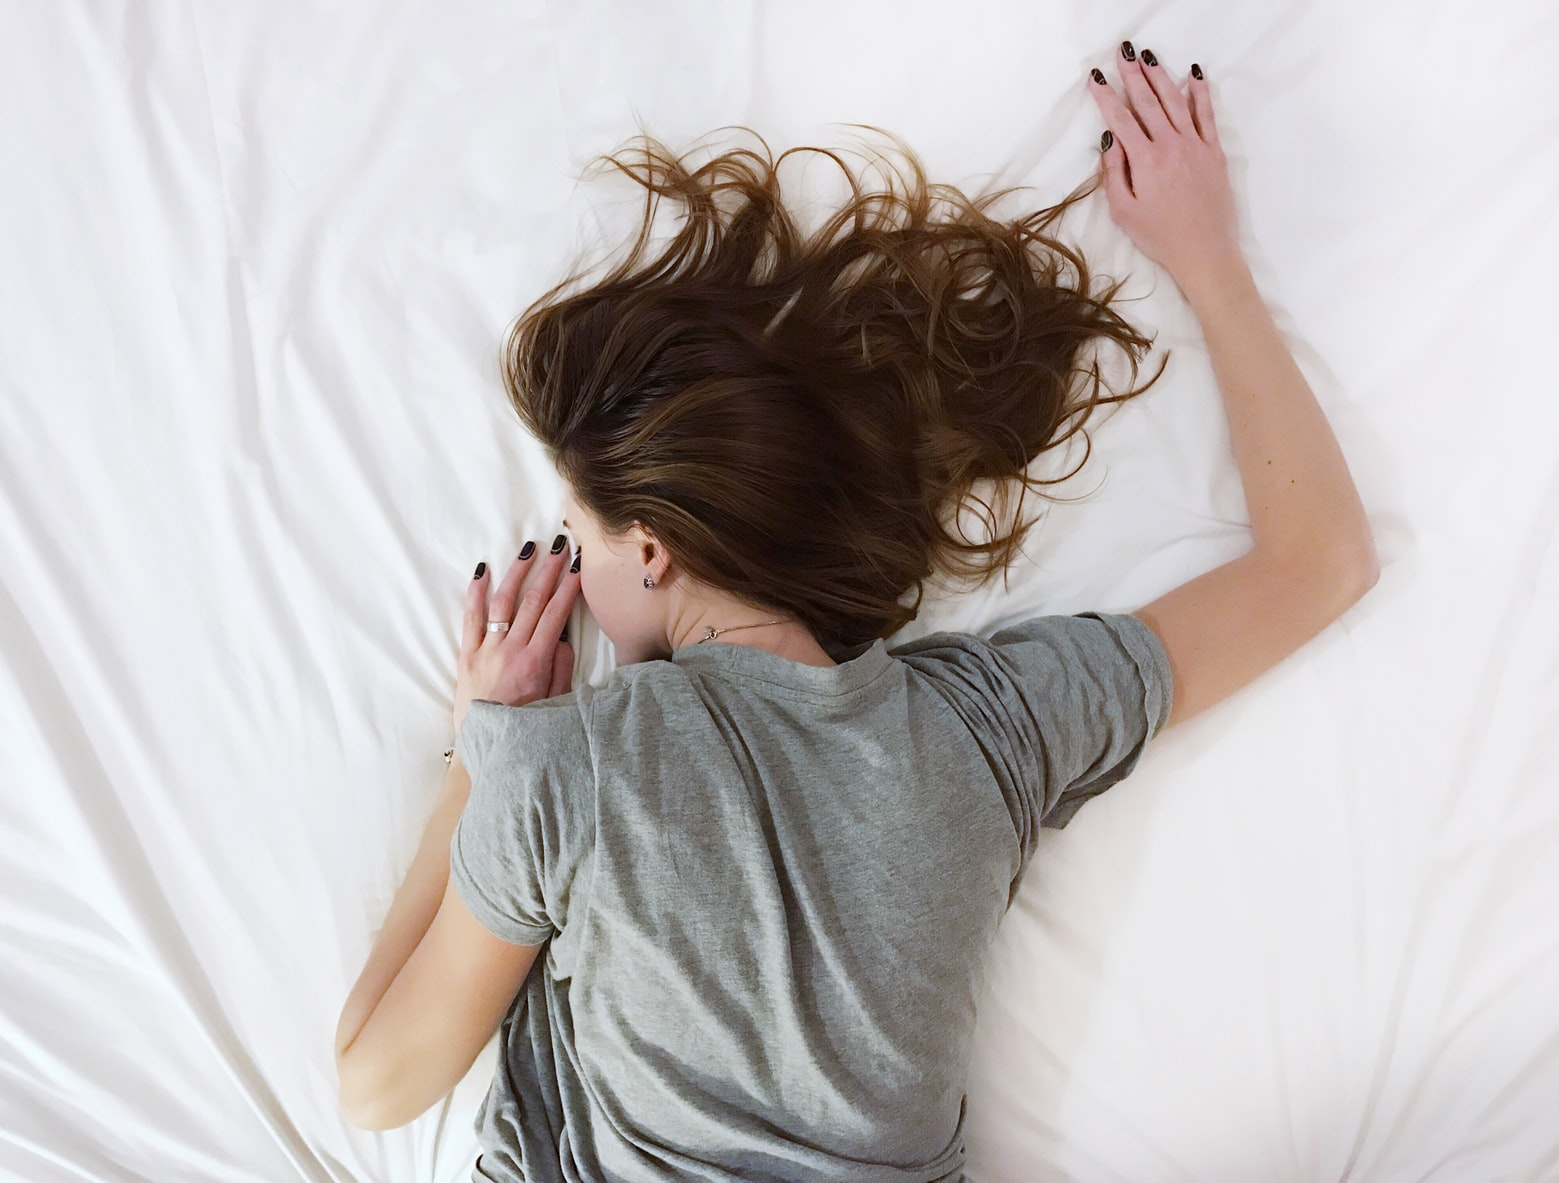 の に ない 眠たい 寝れ